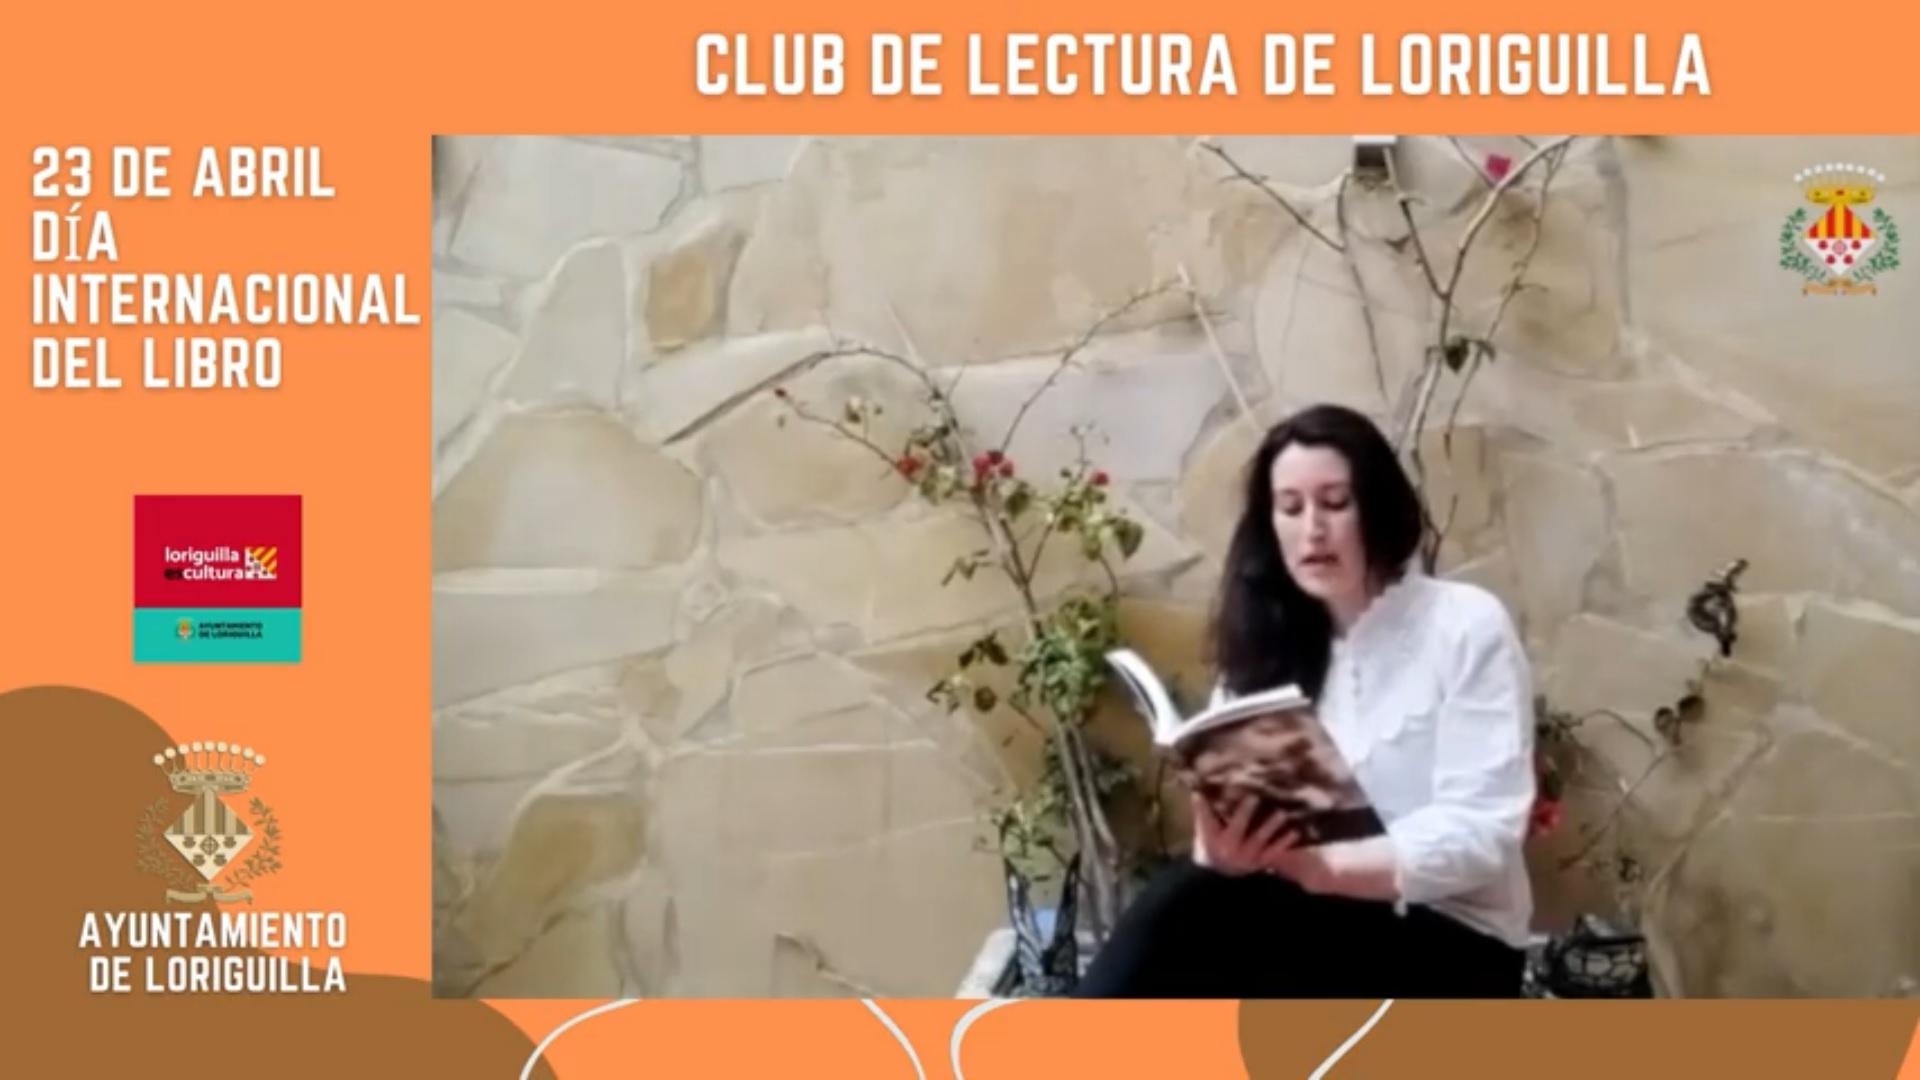 El Club de Lectura narra un fragmento del libro Loriguilla para celebrar el Día del Libro